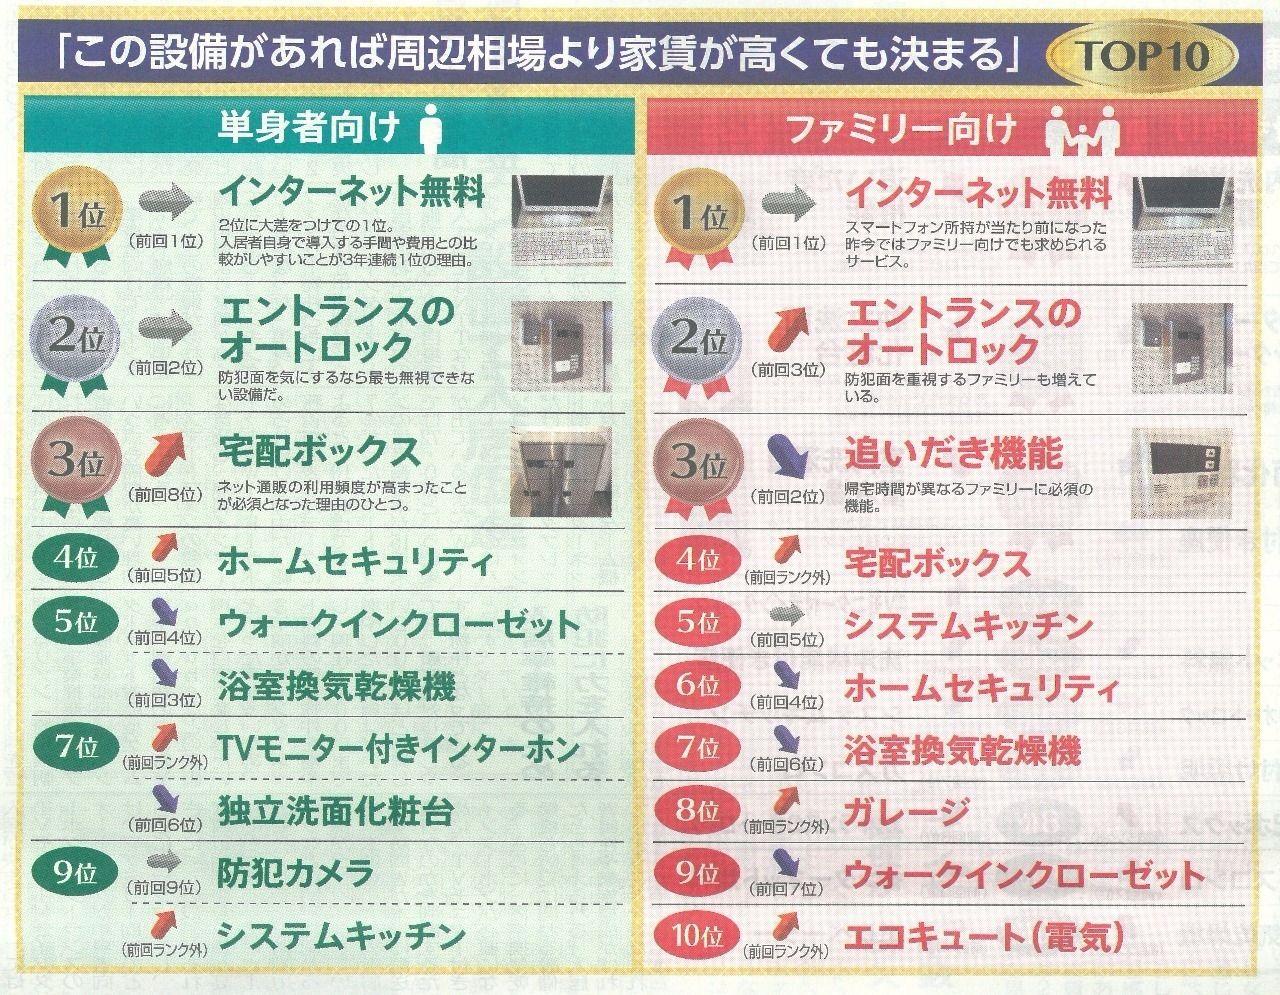 入居者に人気の設備ランキングTop10